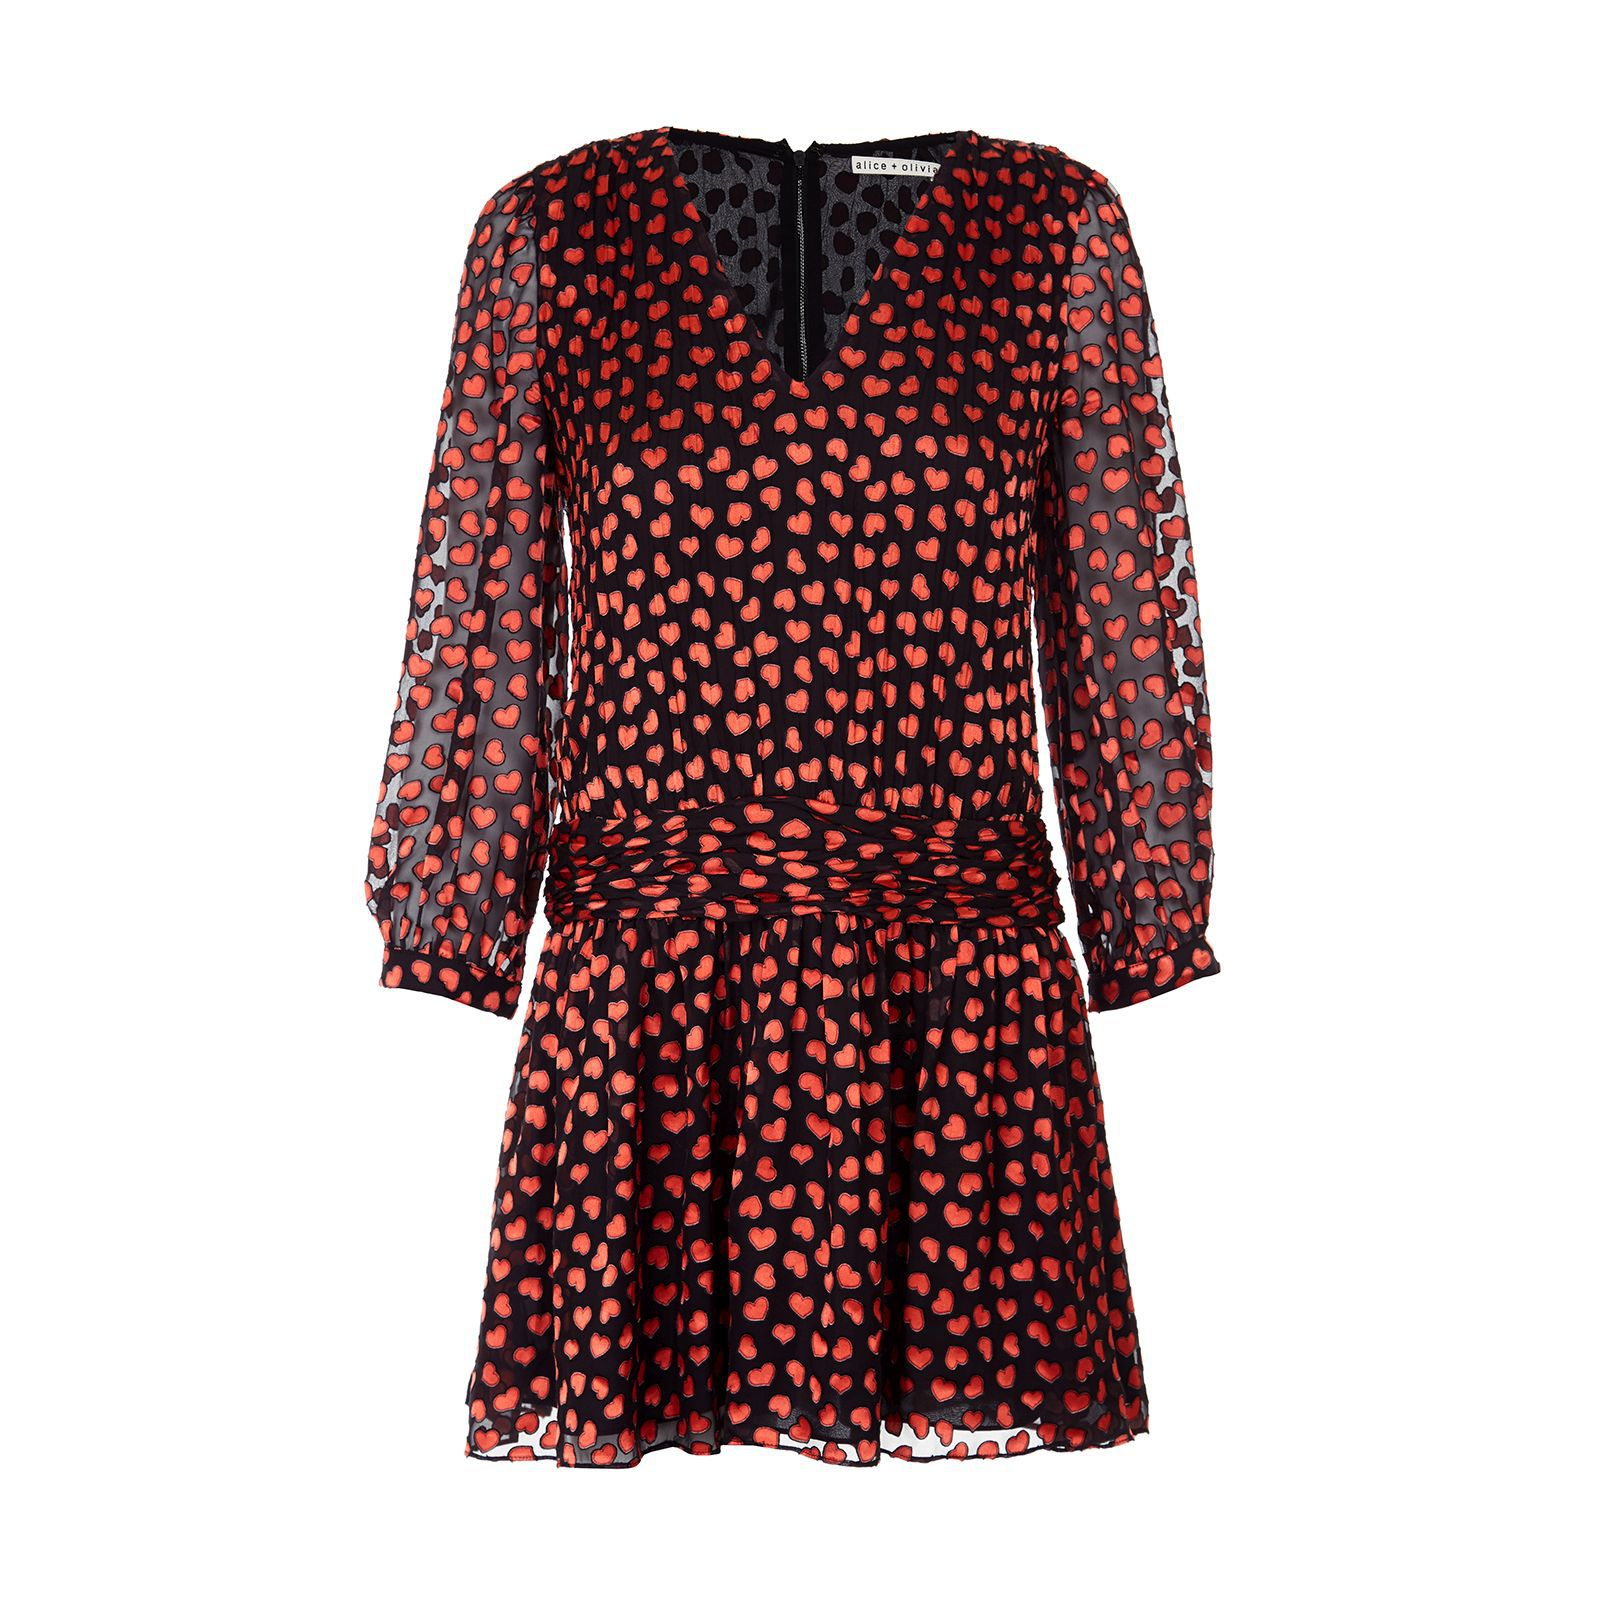 2577ad55827 Двухслойное платье в мелкое сердечко – отличный вариант для свиданий и  создания женственного образа. Но если у вас менее романтичное настроение